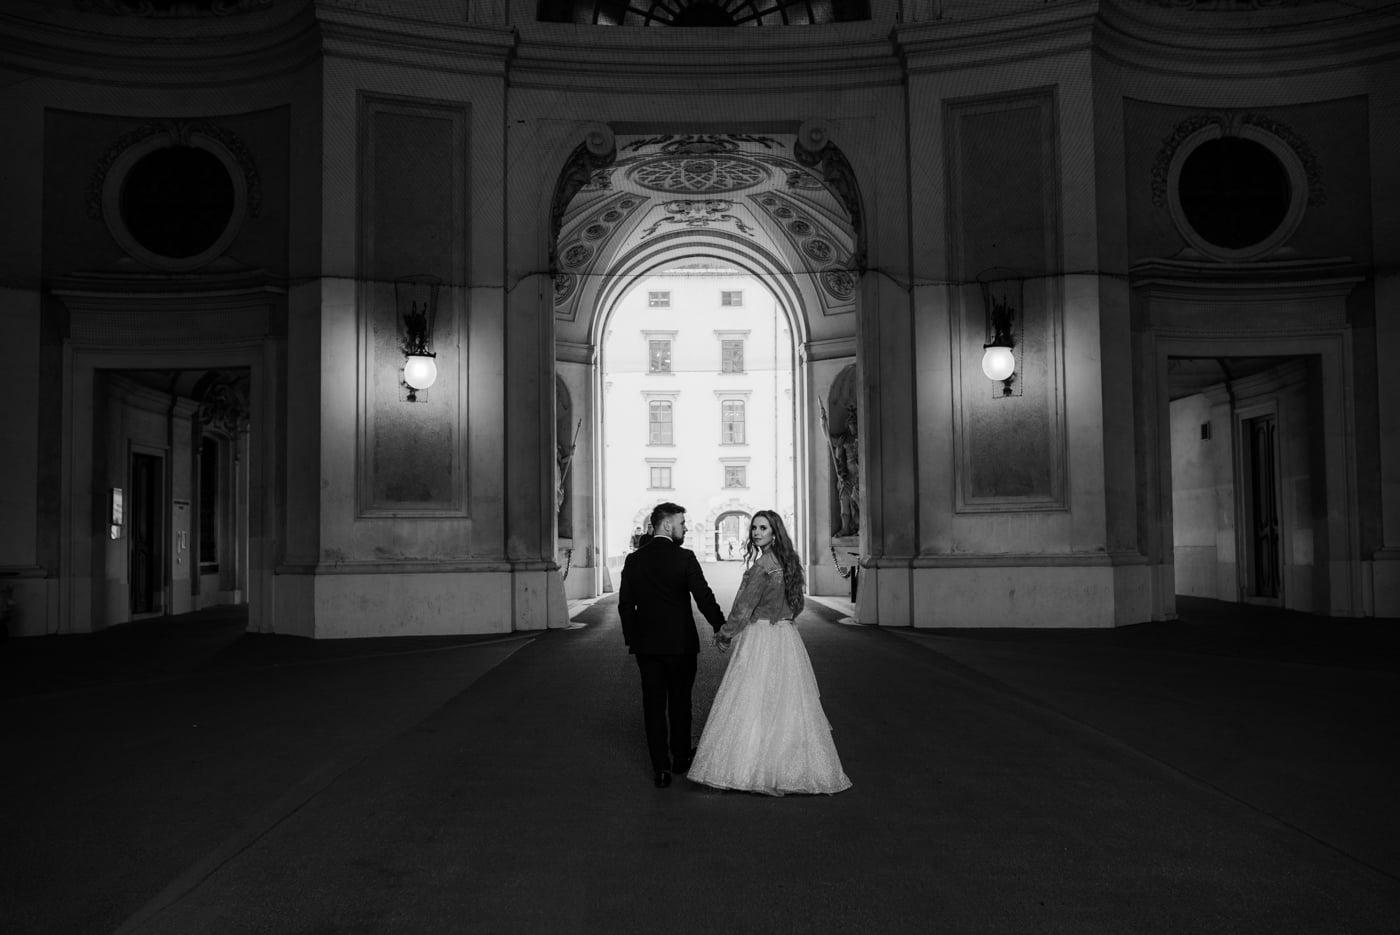 Sesja Ślubna w Wiedniu - Ania i Tomek 7